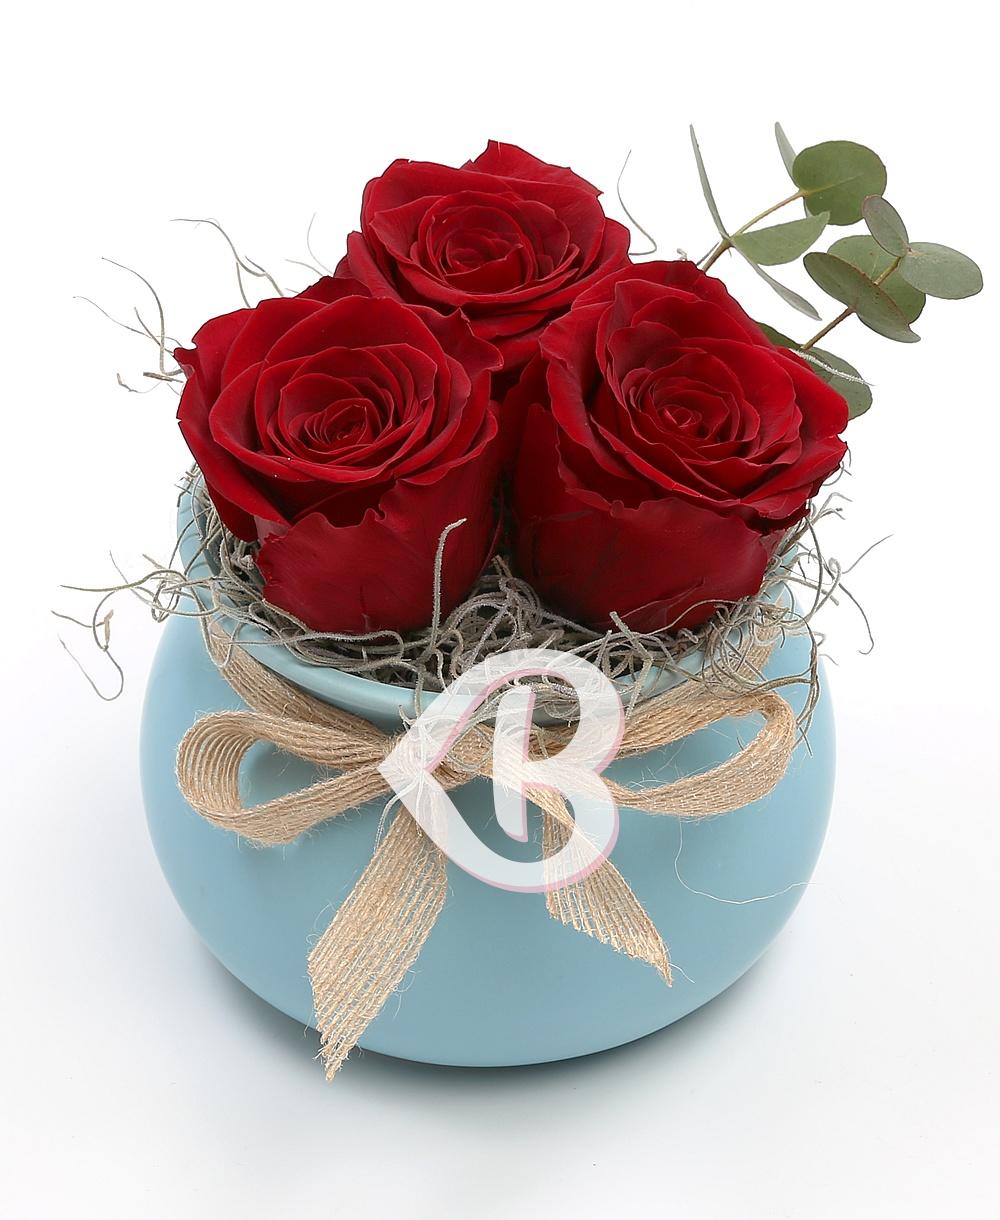 Imaginea produsului Vas Cu 3 Trandafiri Criogenați Roșii